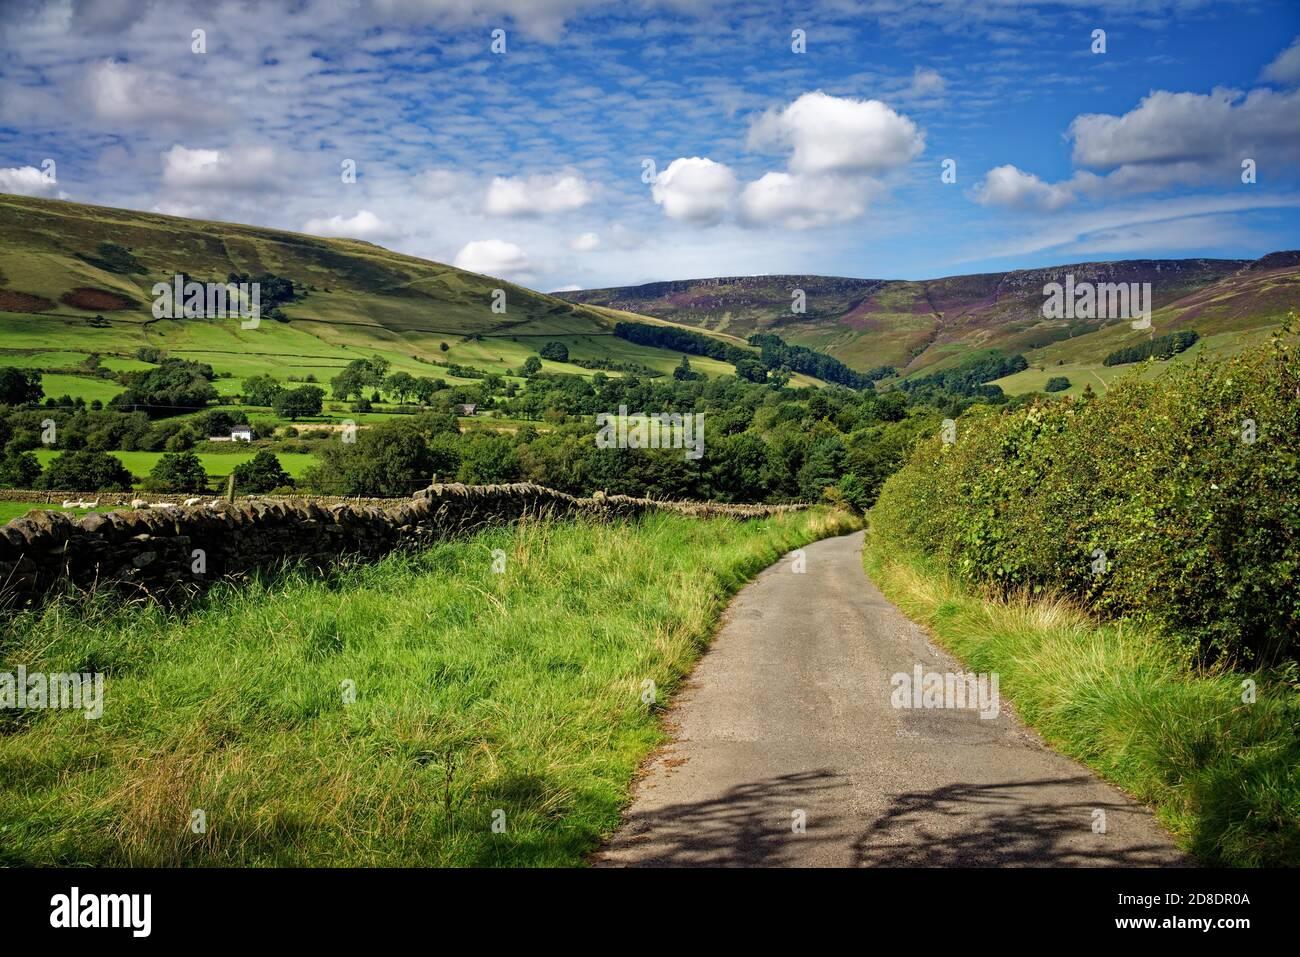 Royaume-Uni, Derbyshire, Peak District, Country Lane près d'Edale avec Grindslow Knoll et Kinder Scout en arrière-plan Banque D'Images